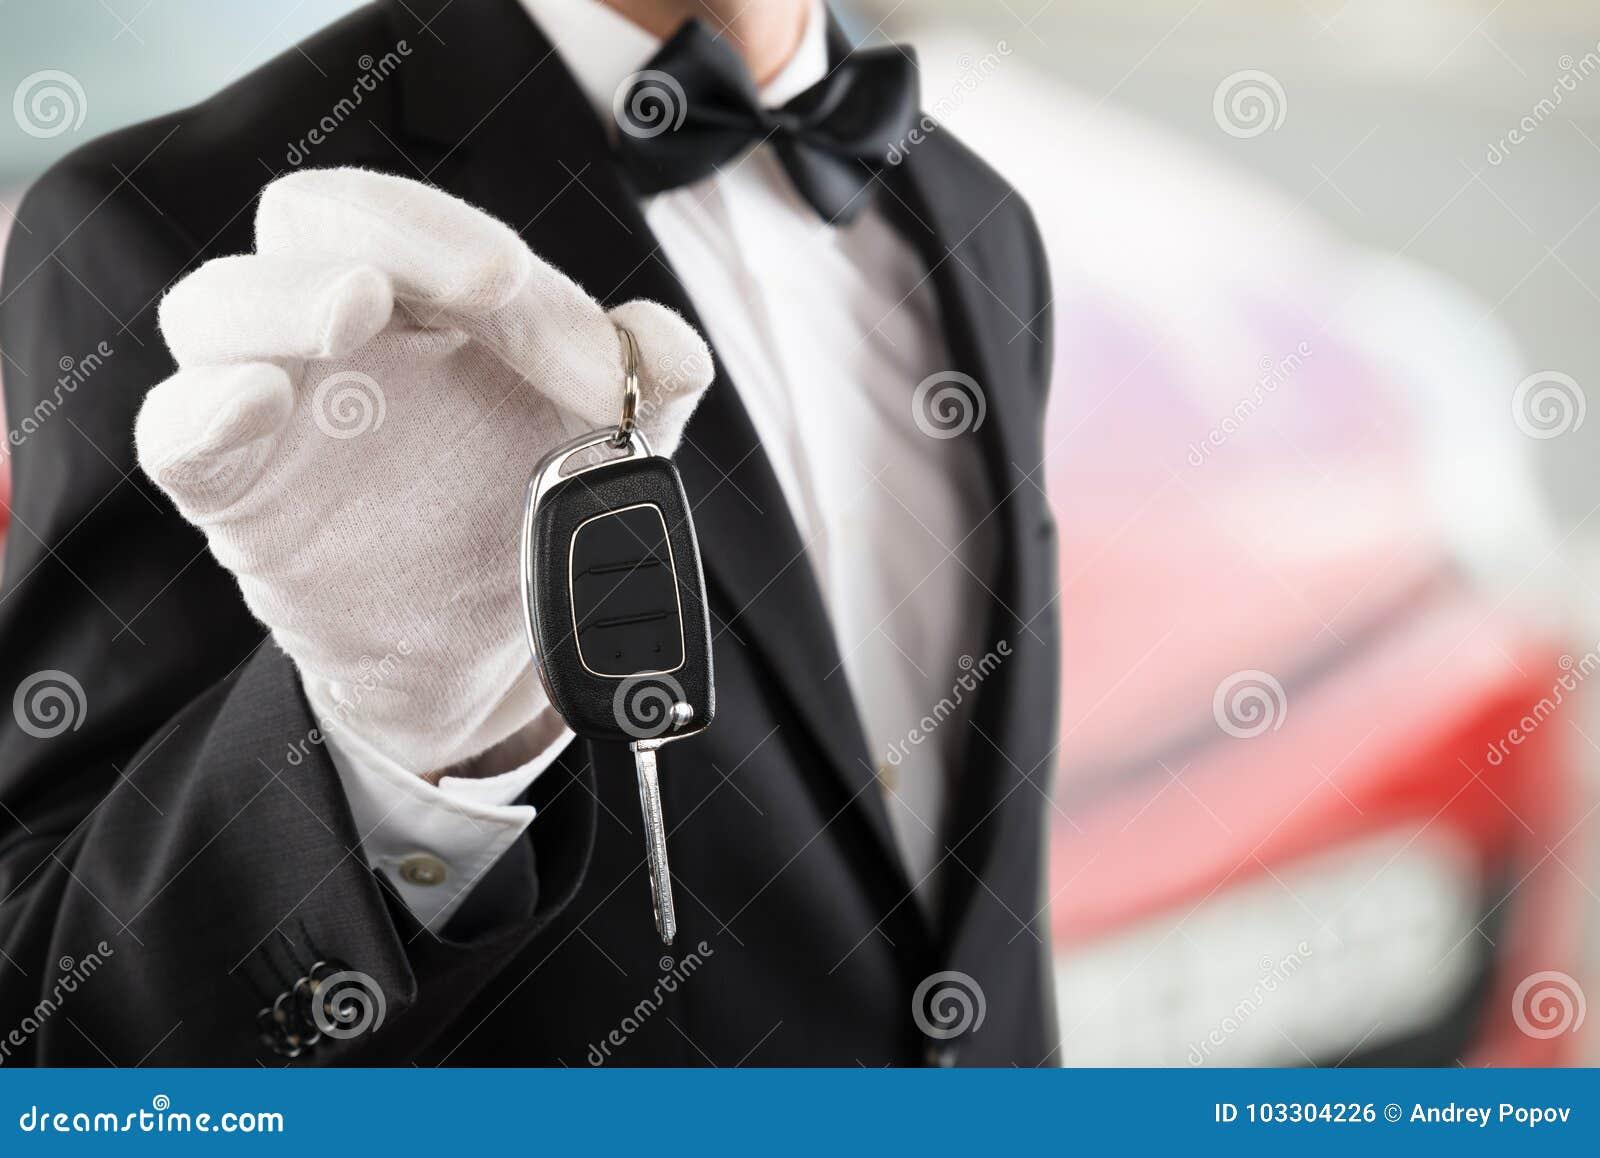 Lokaj chłopiec Trzyma Samochodowego klucz